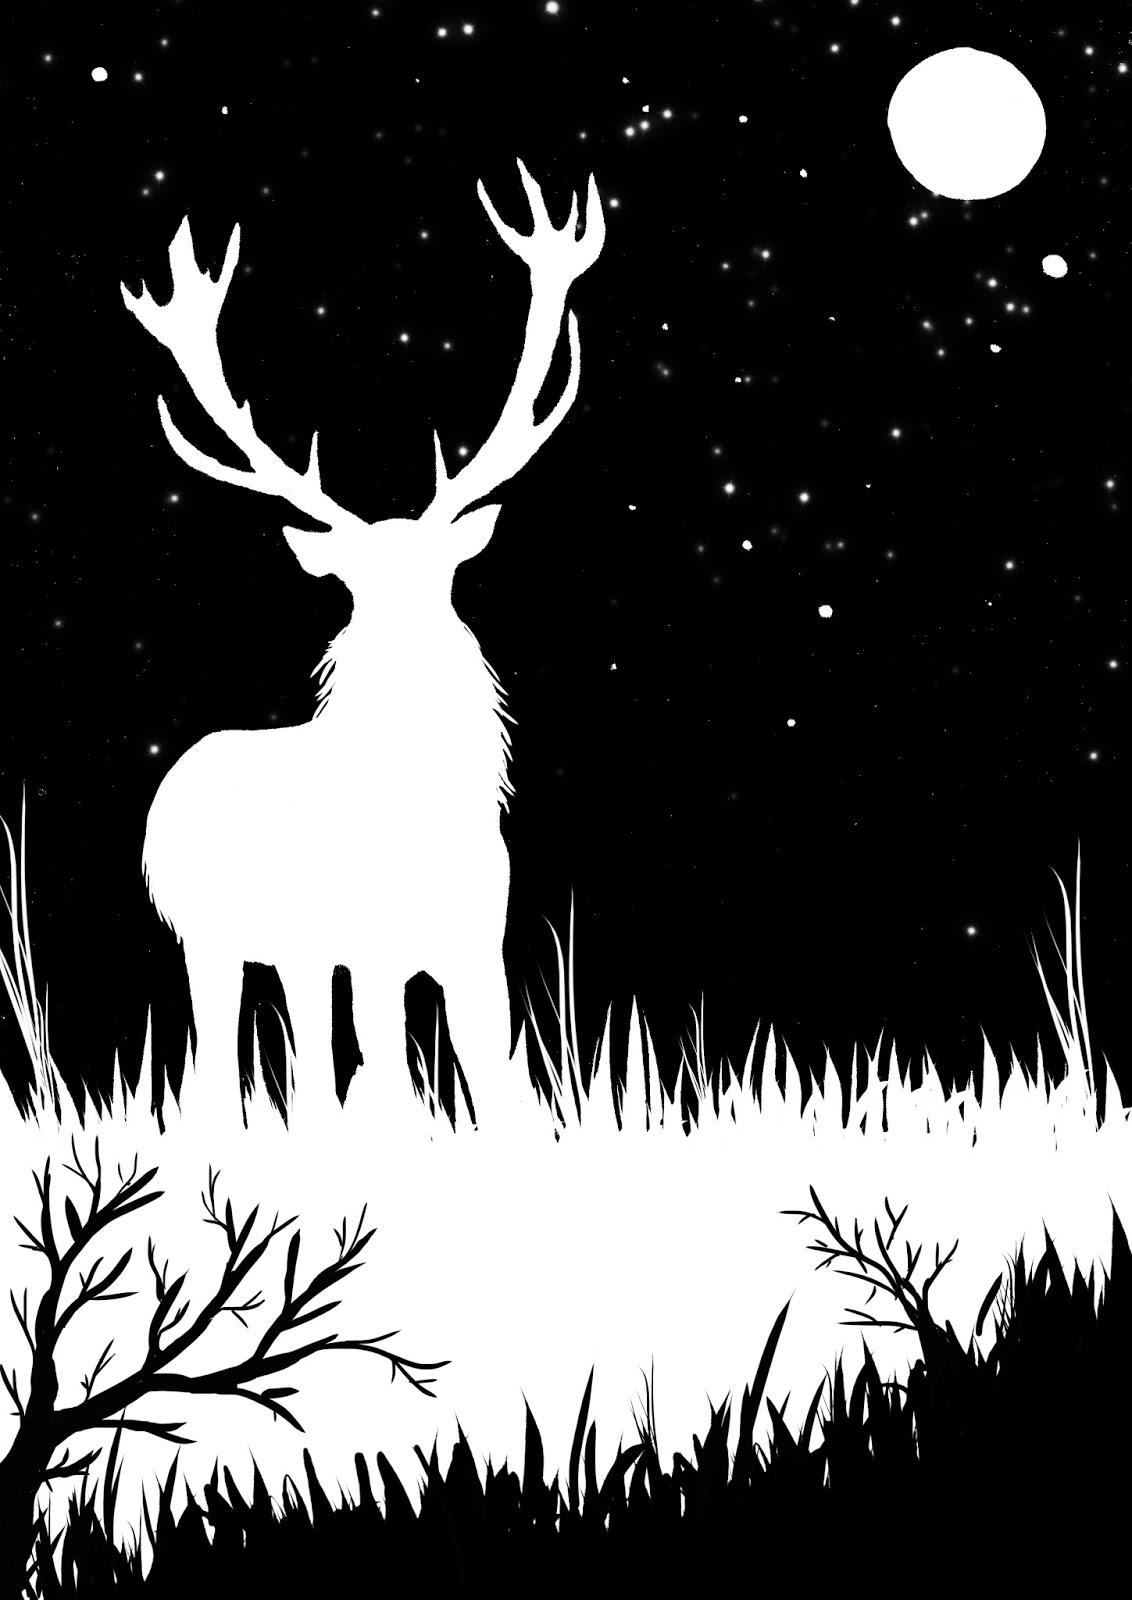 Disegni tumblr bianco e nero semplici disegni tumblr for Sfondi bianco e nero tumblr